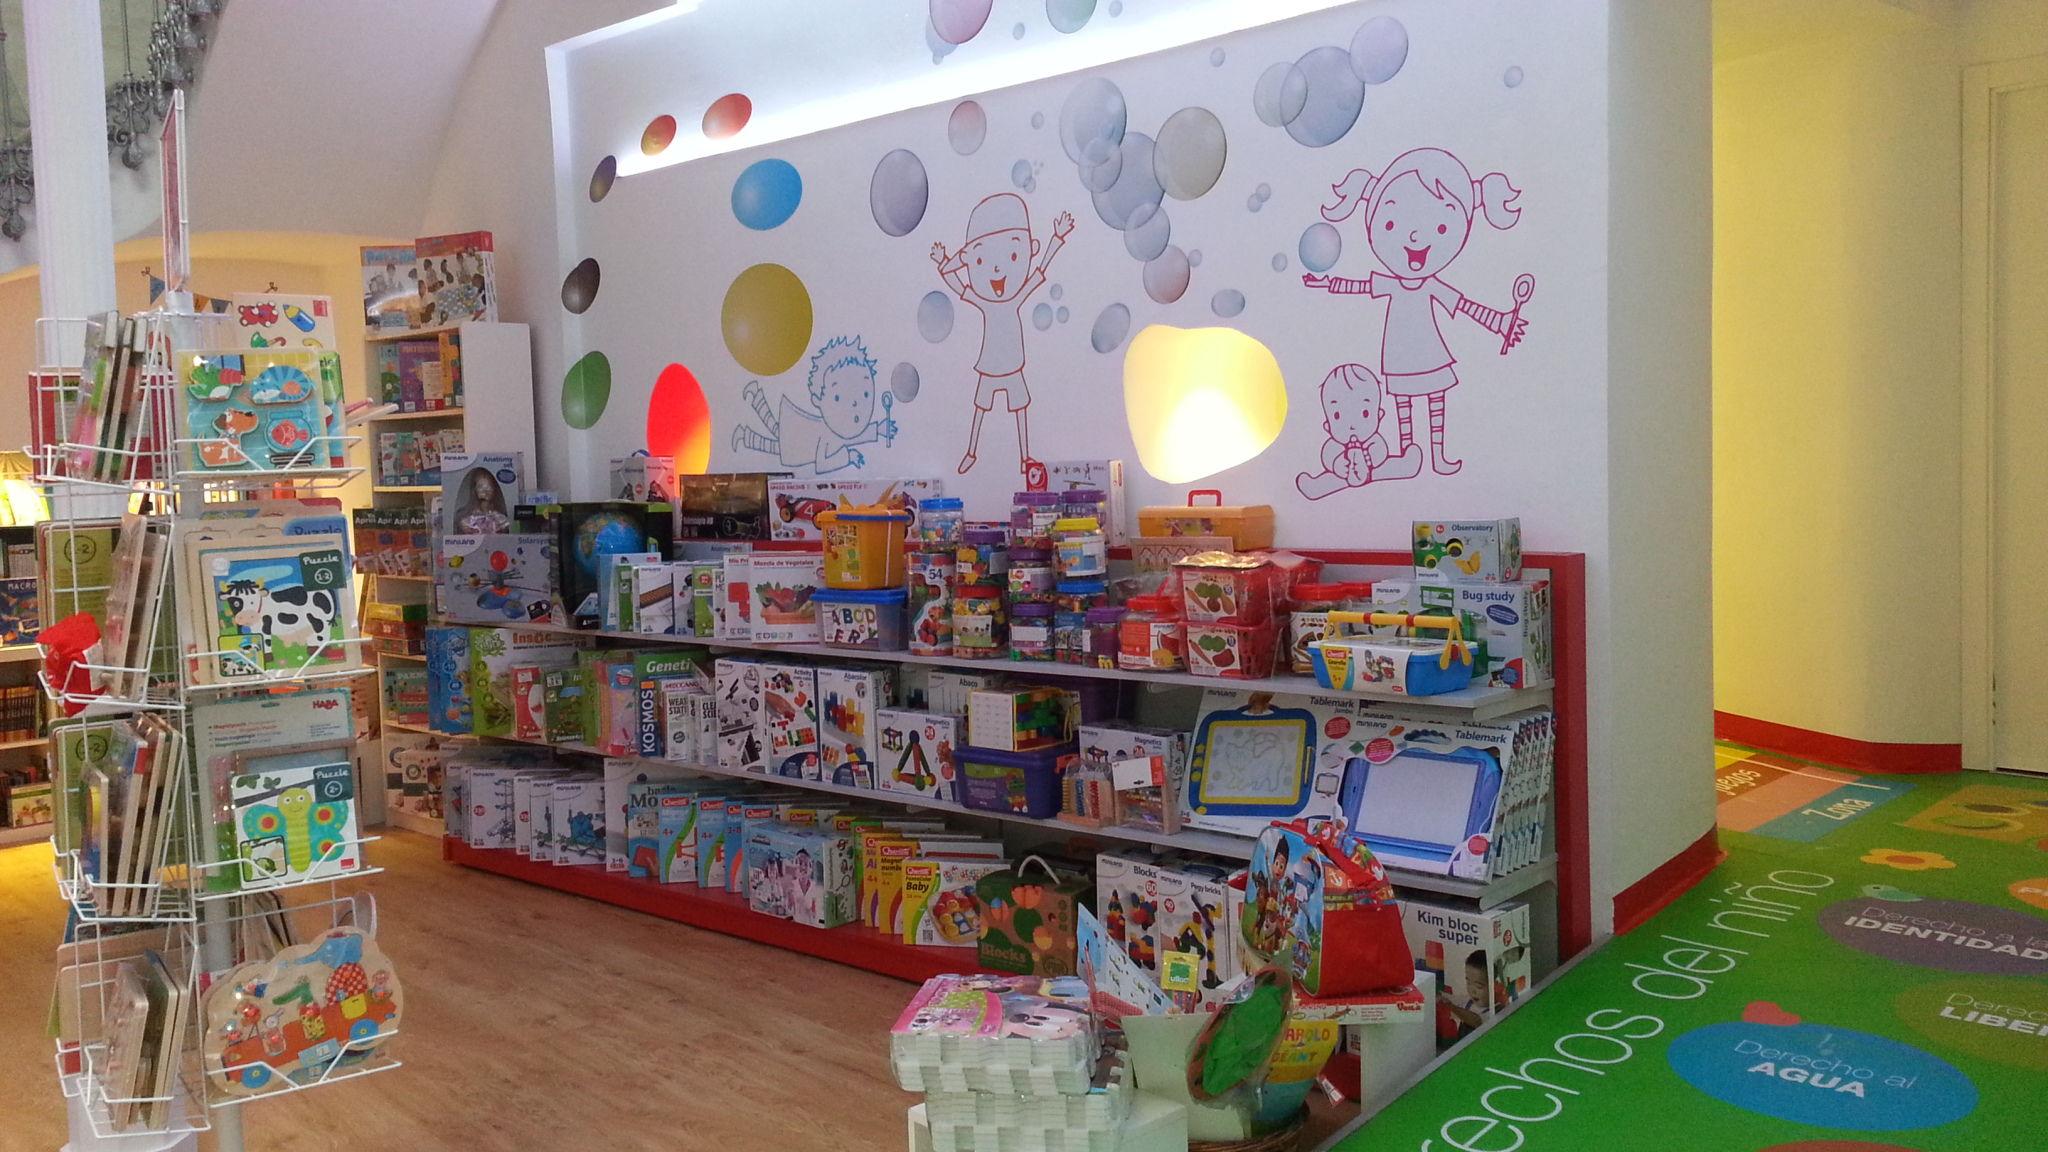 Tienda De Muebles En Jerez Excellent Muebles Rey Jerez Muebles  # Tienda Muebles Loeches